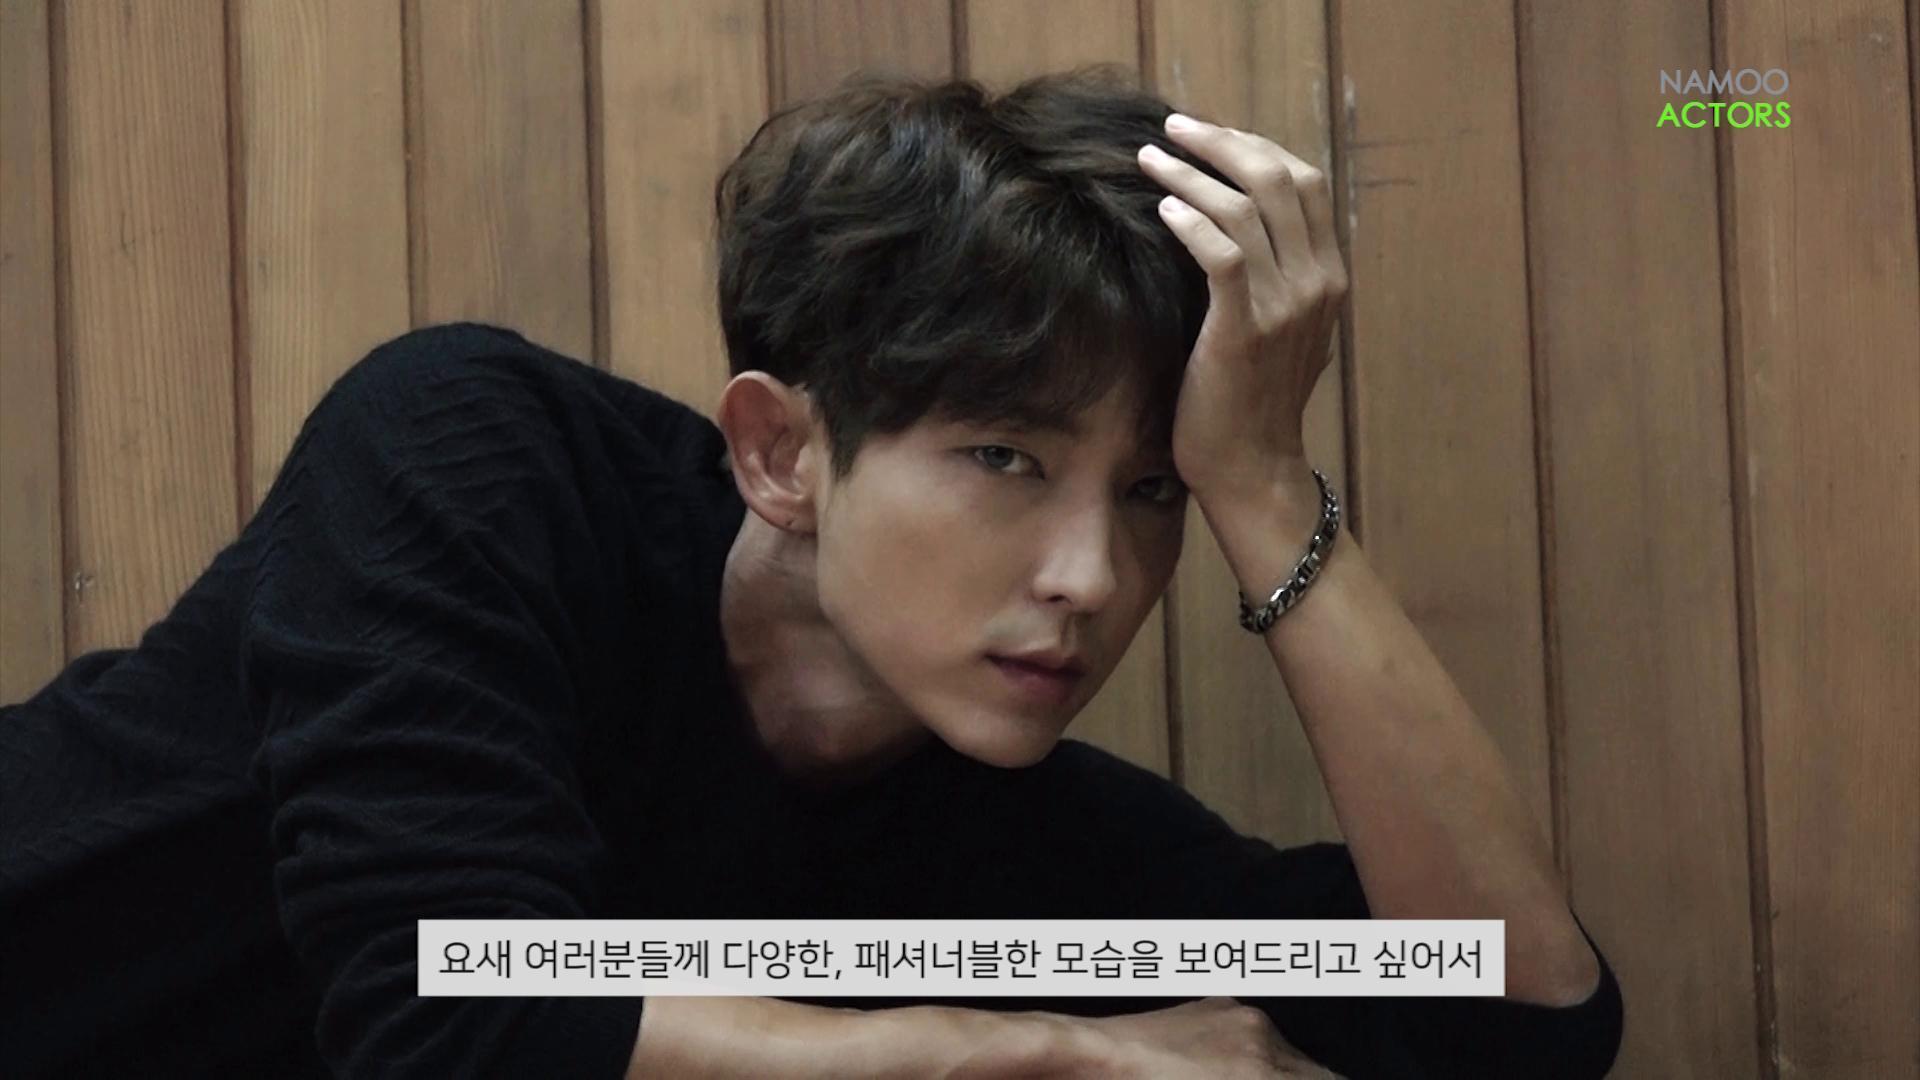 [이준기] 김 묻었어요... 잘생김! #하퍼스바자